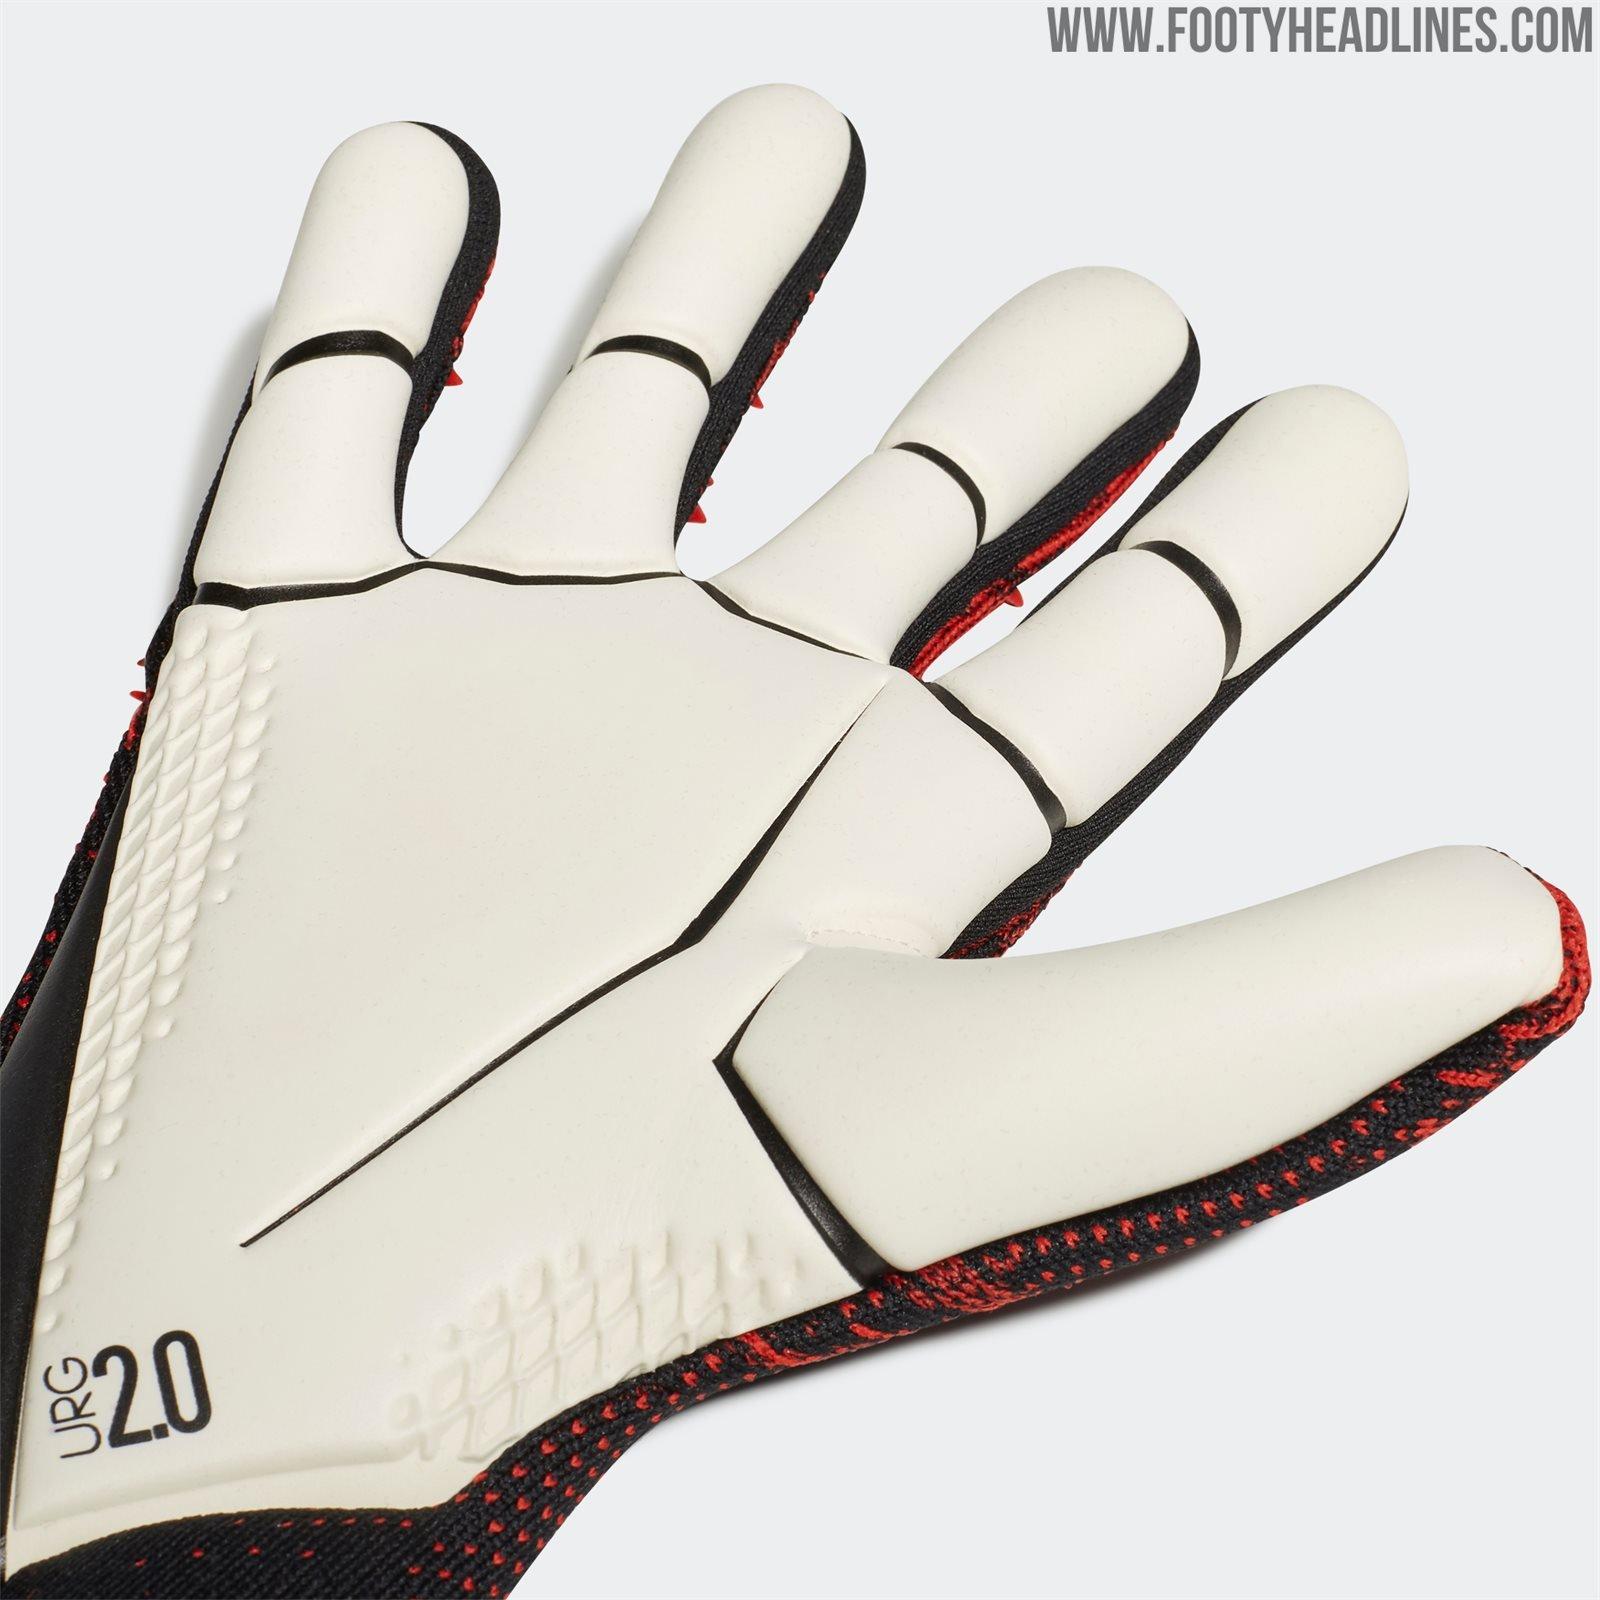 Găng tay Predator 20 Pro Gloves